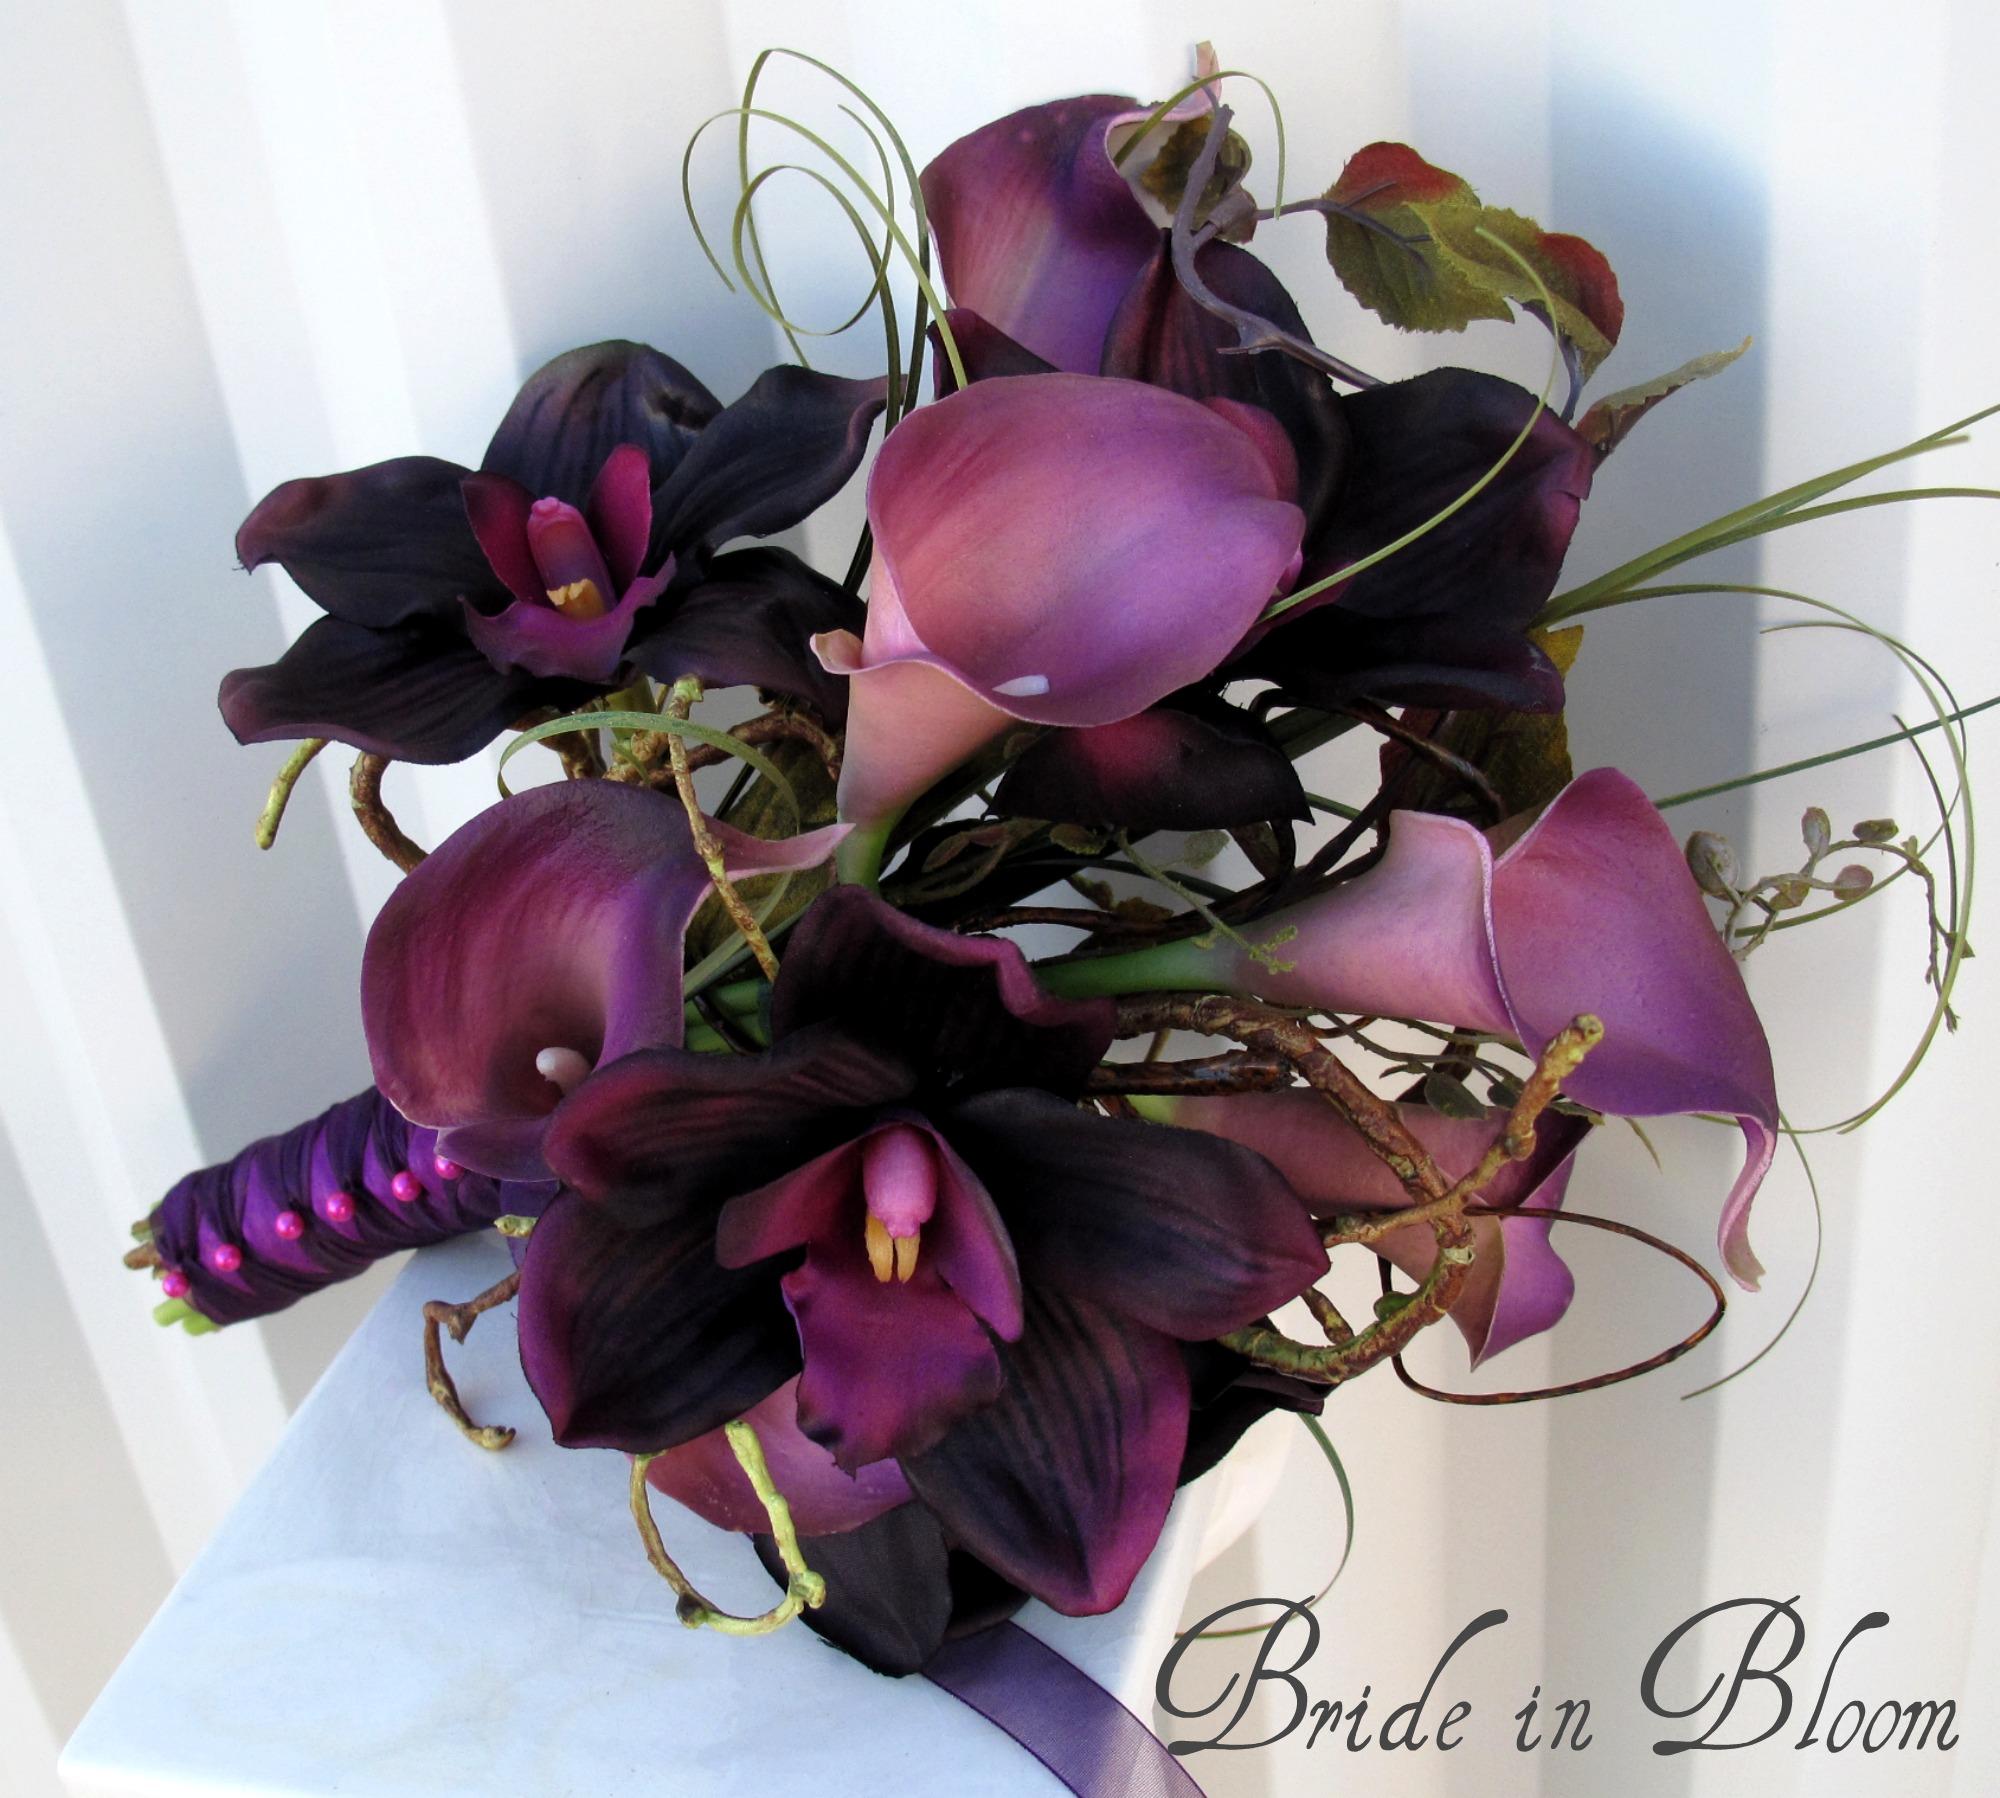 Bride in bloom shop plum wedding bouquet izmirmasajfo